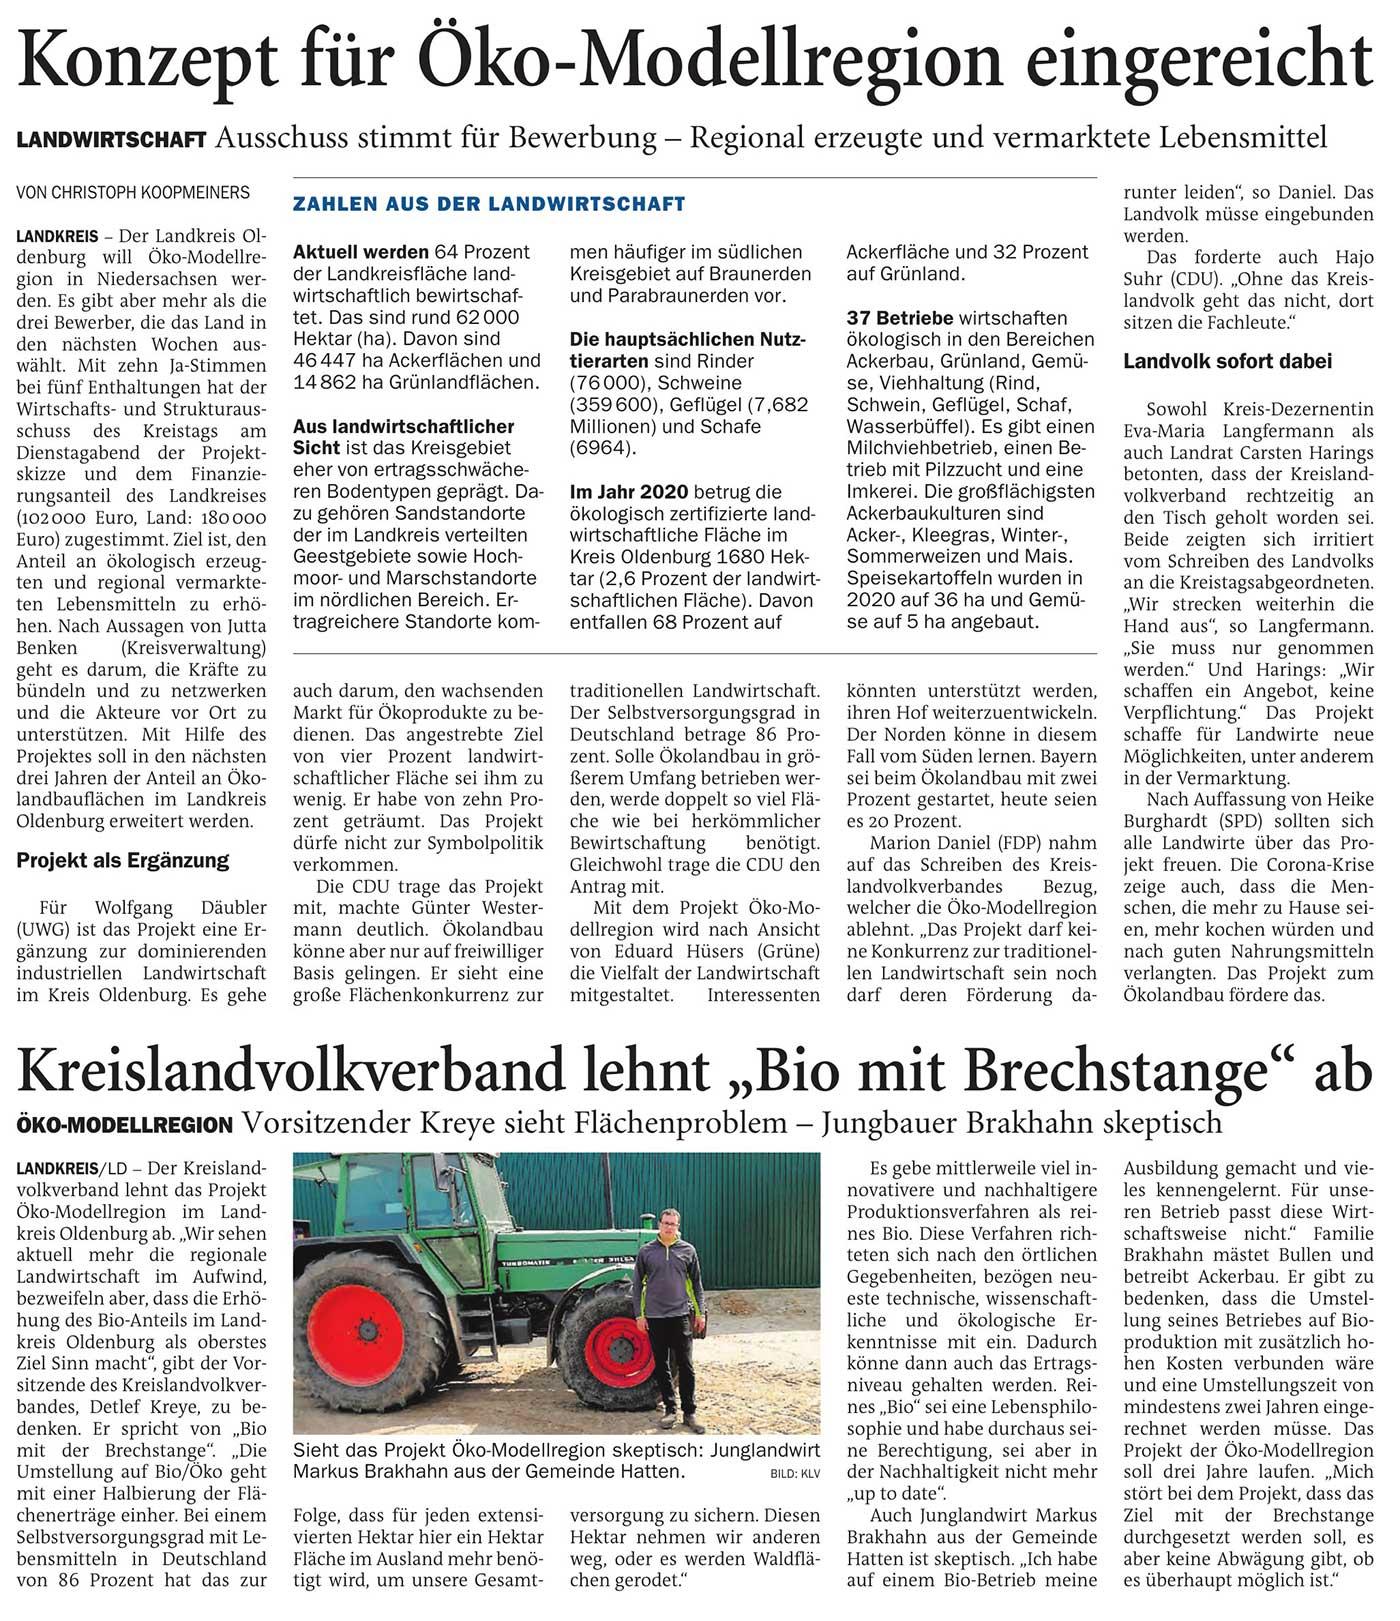 Konzept für Öko-Modellregion eingereichtLandkreis // Landwirtschaft: Ausschuss stimmt für Bewerbung - Regional erzeugte und vermarktete Lebensmittel // Kreislandvolkverband lehnt 'Bio mit Brechstange' abArtikel vom 22.04.2021 (NWZ)